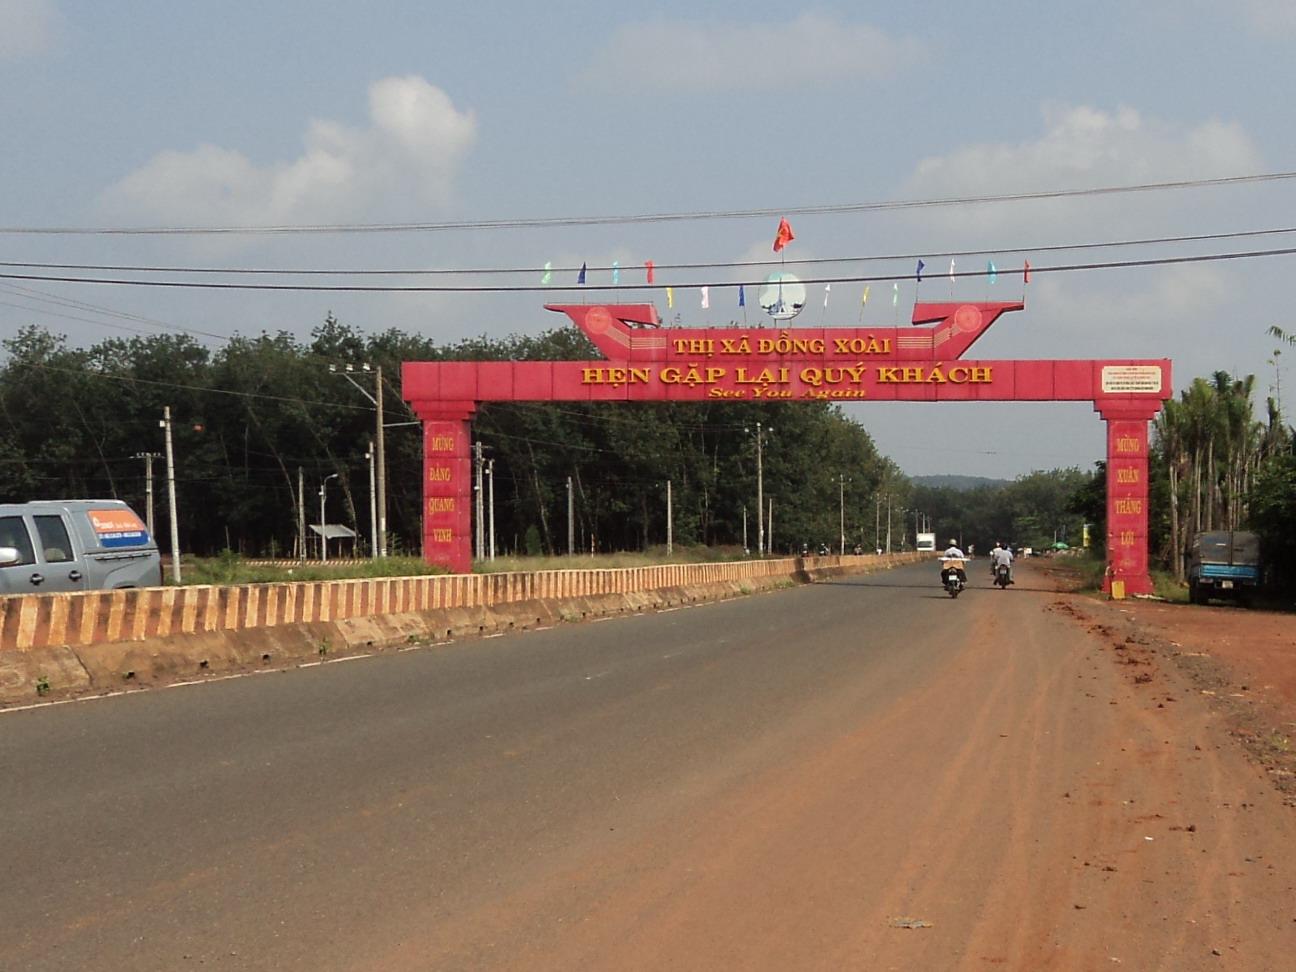 Resultado de imagem para Đồng Xoai